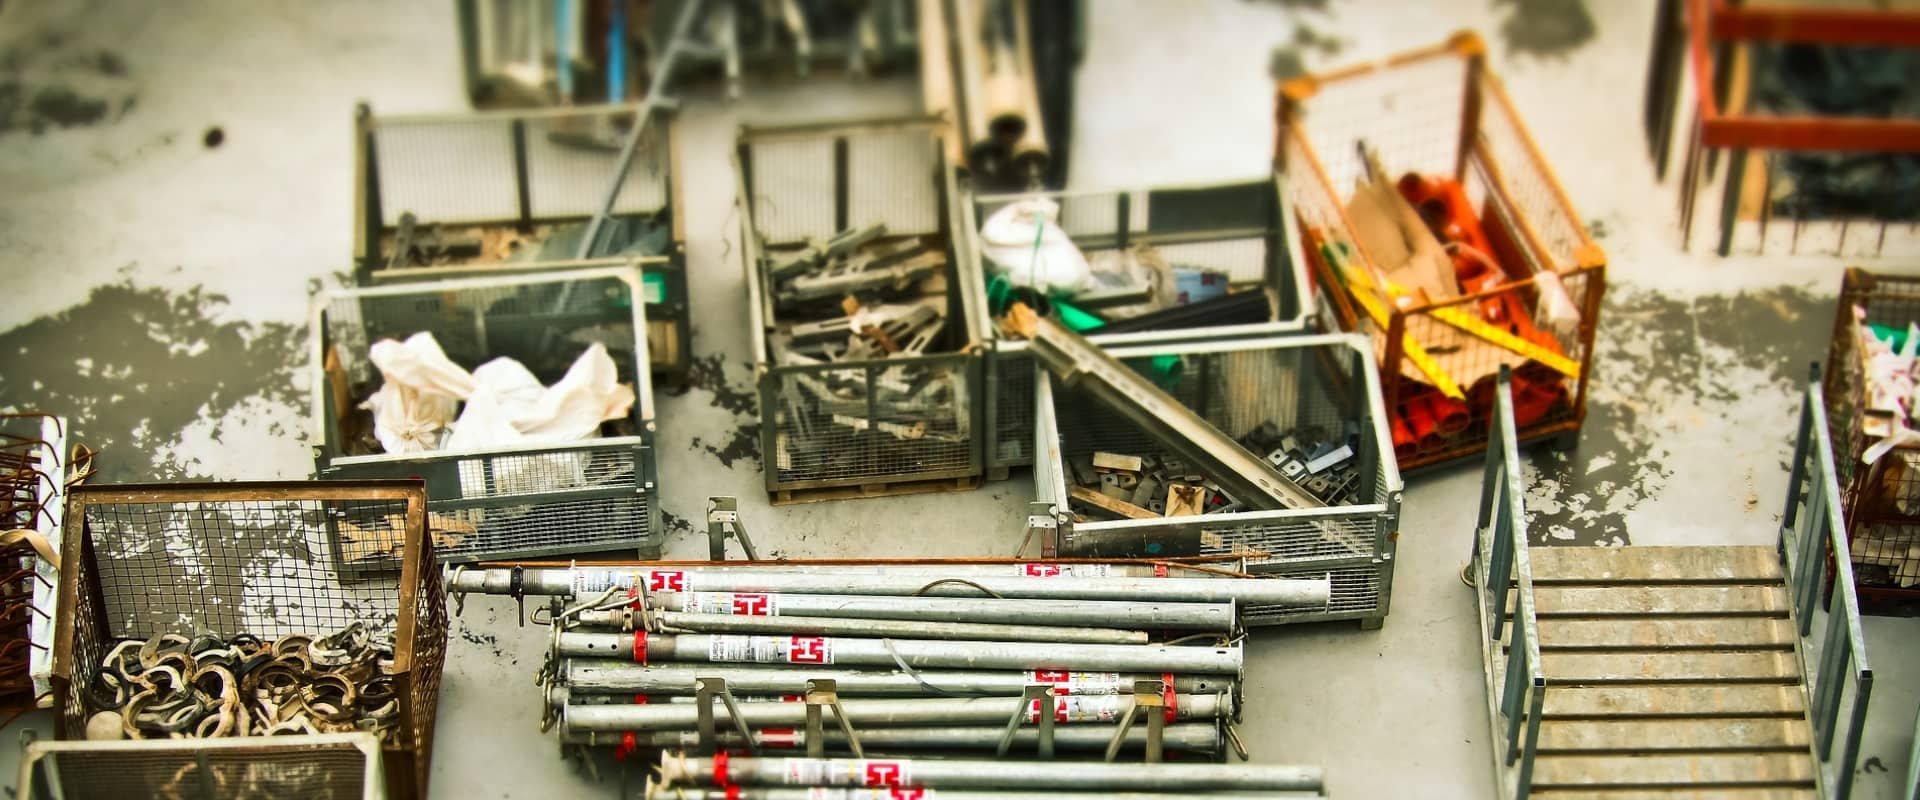 Komplett-Inventurlösung im Sanitär- und Baustoffhandel